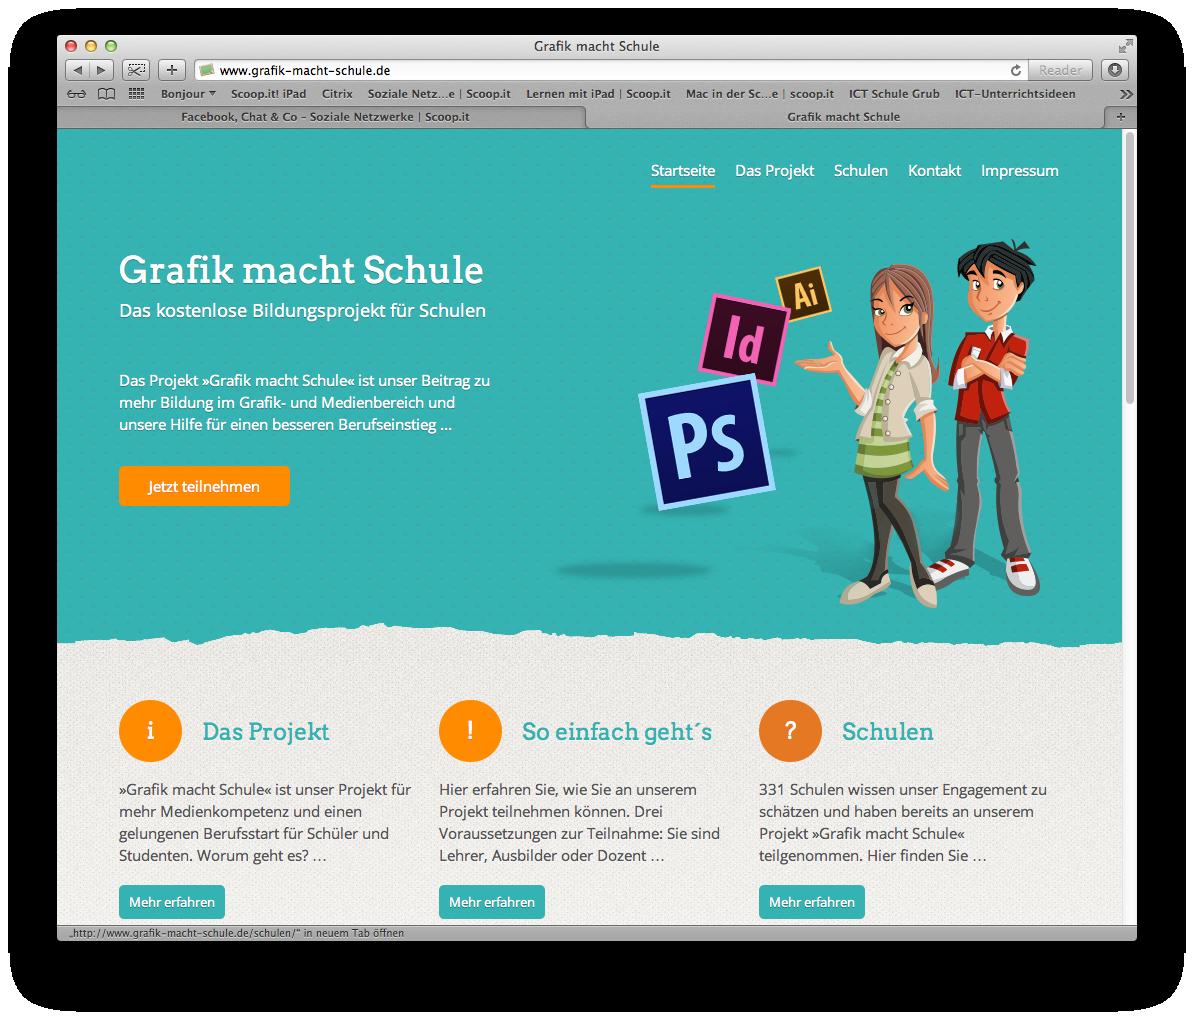 Grafik macht schule das kostenlose bildungsprojekt f r for Schule grafik